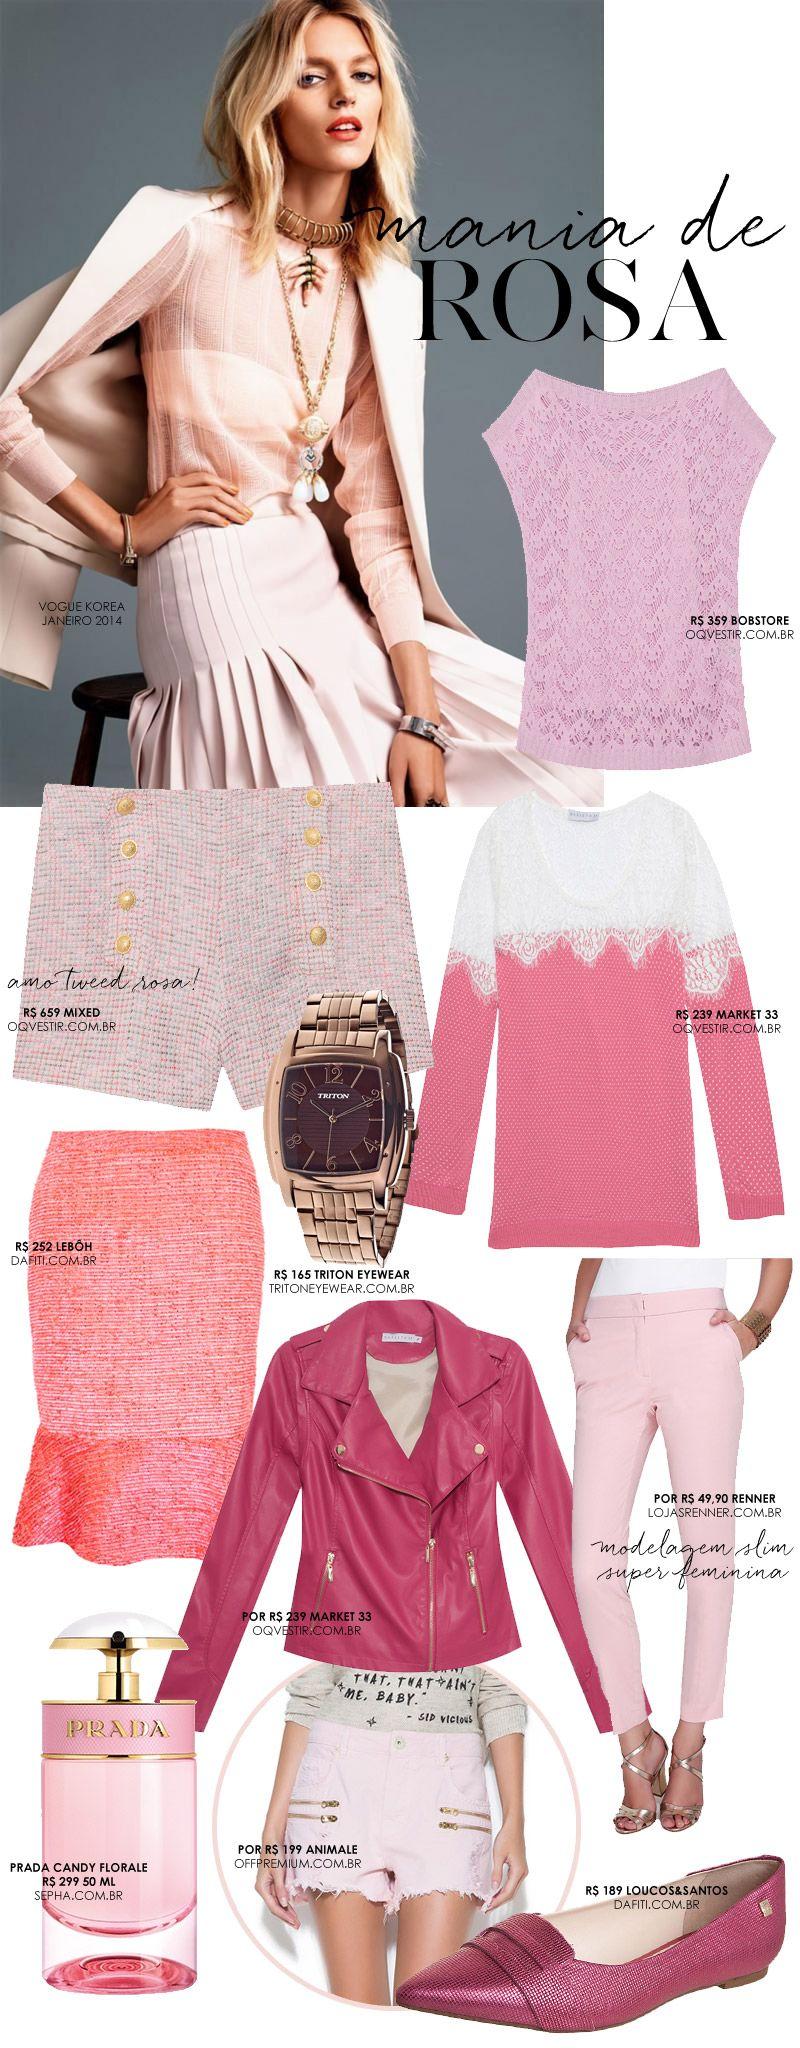 living-gazette-barbara-resende-moda-shopping-rosa-tendencia